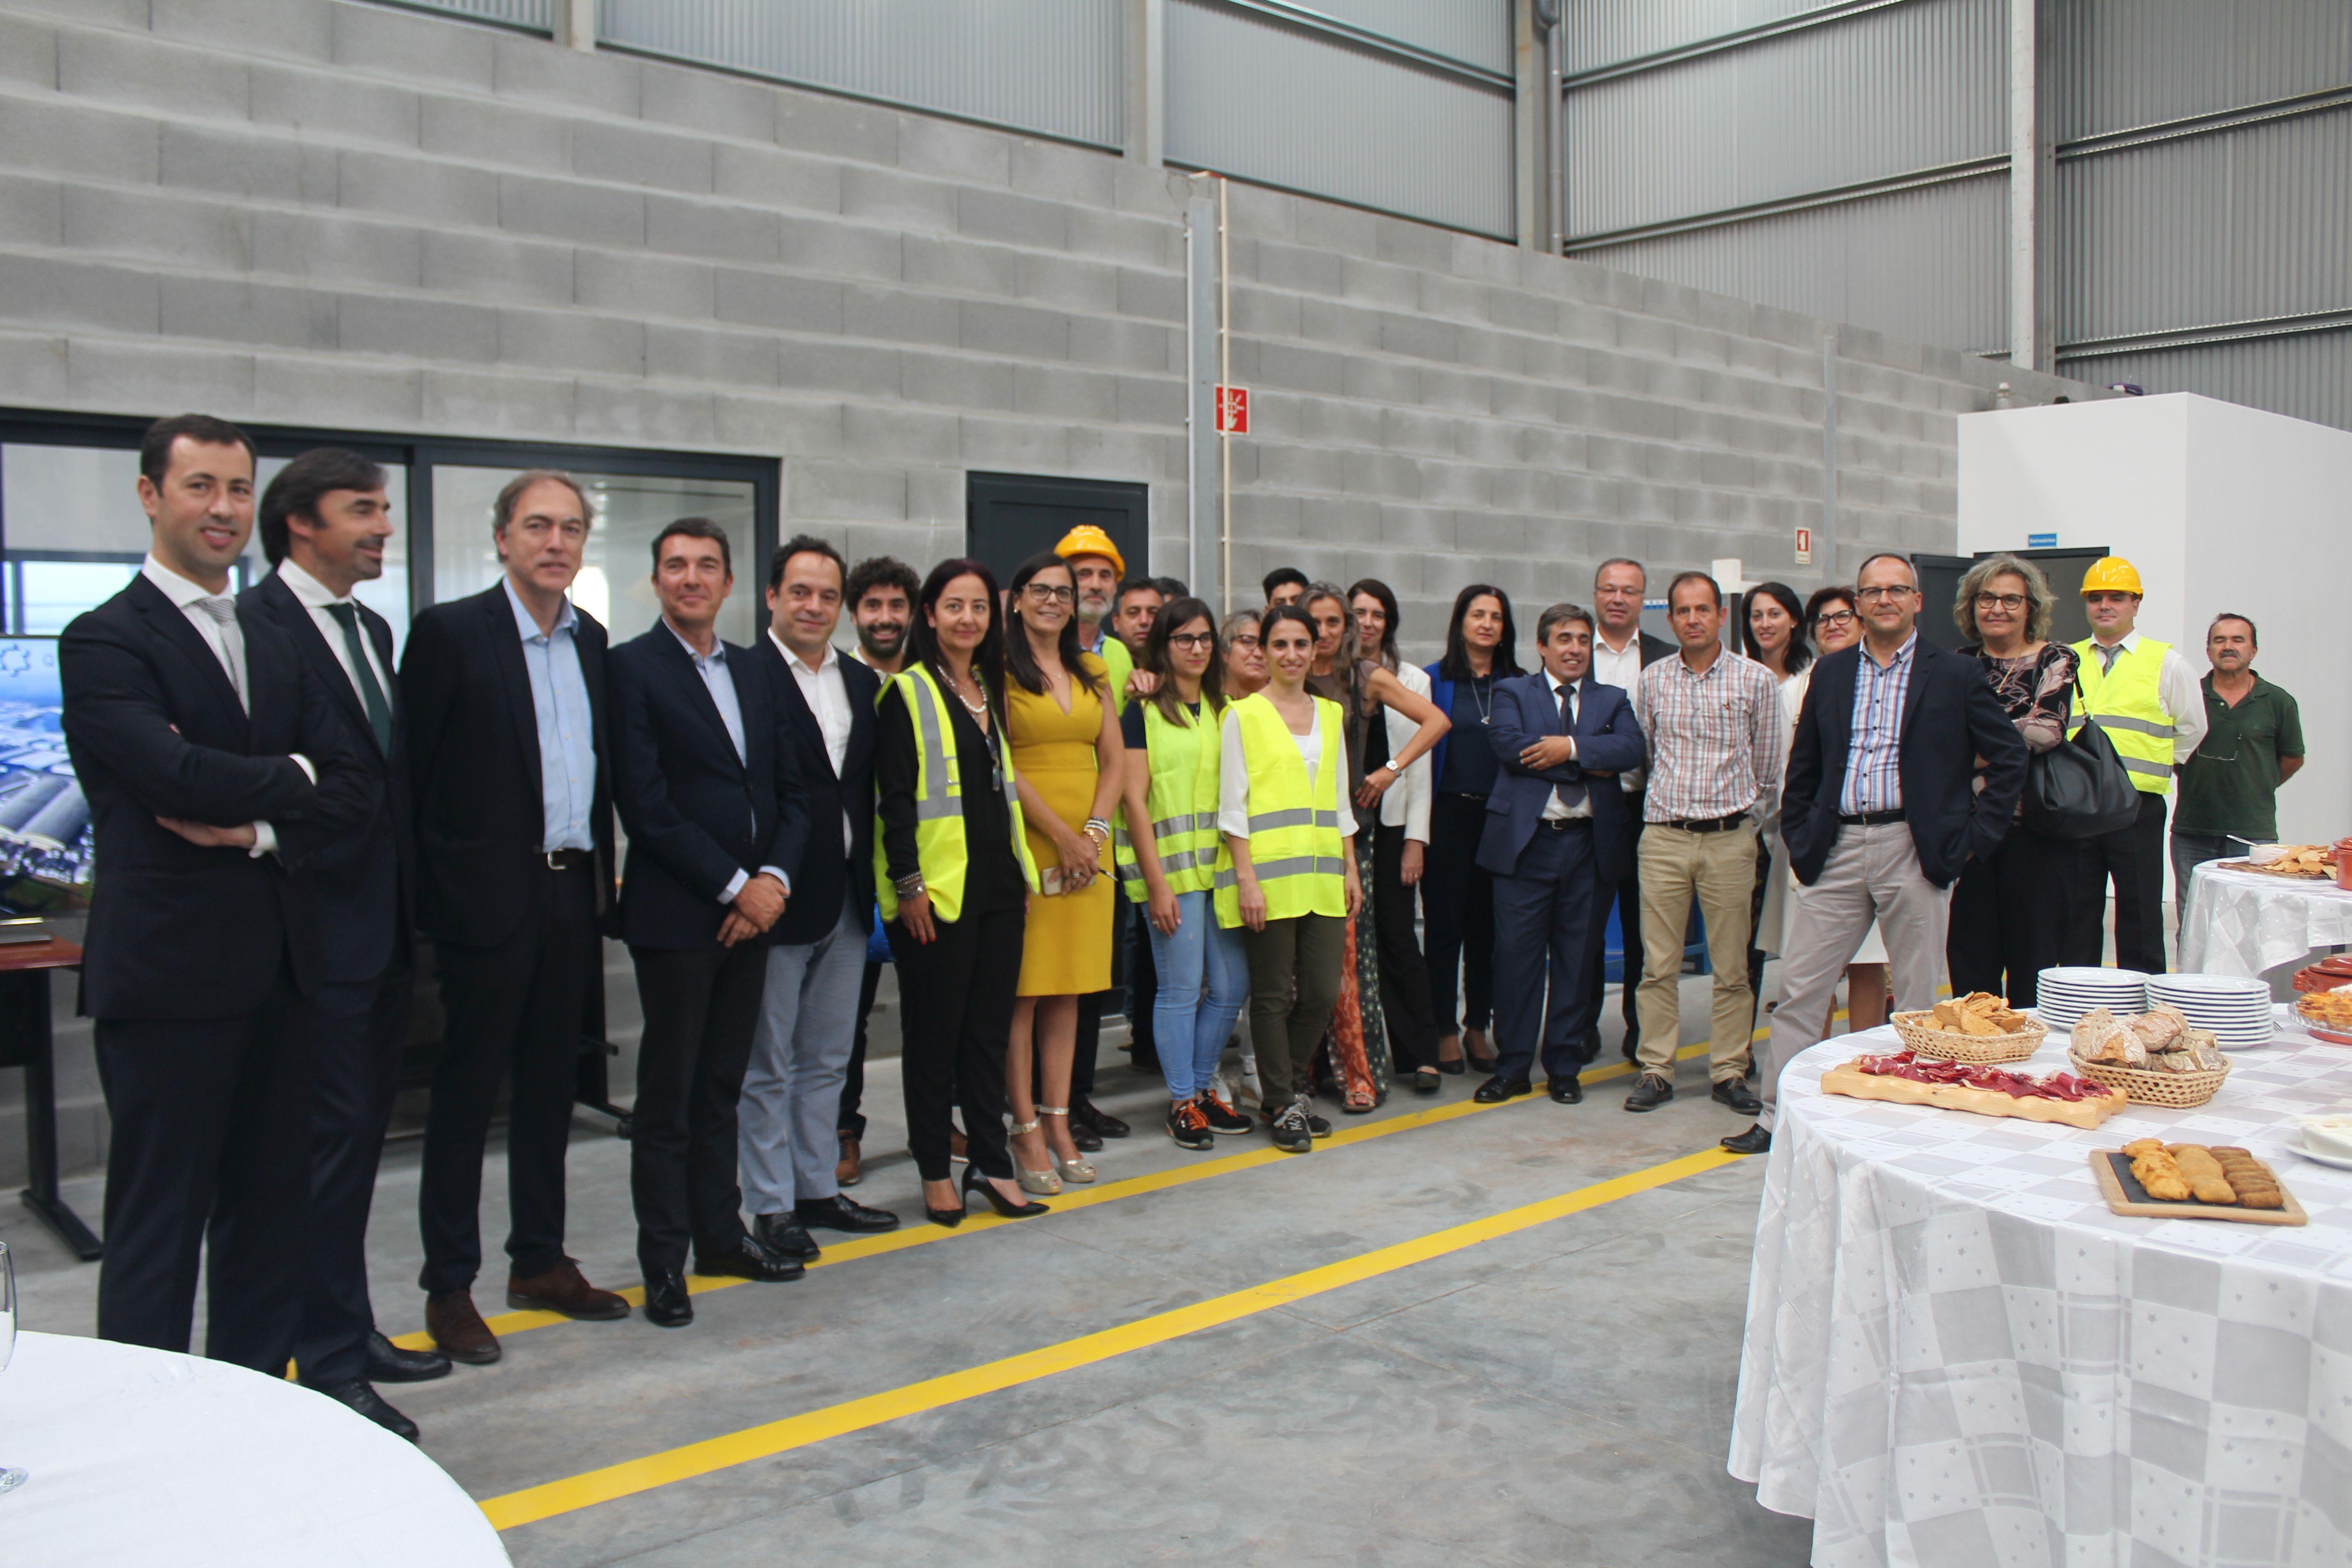 inauguração de instalações de produção de silicato de sódio e potássio em Portugal